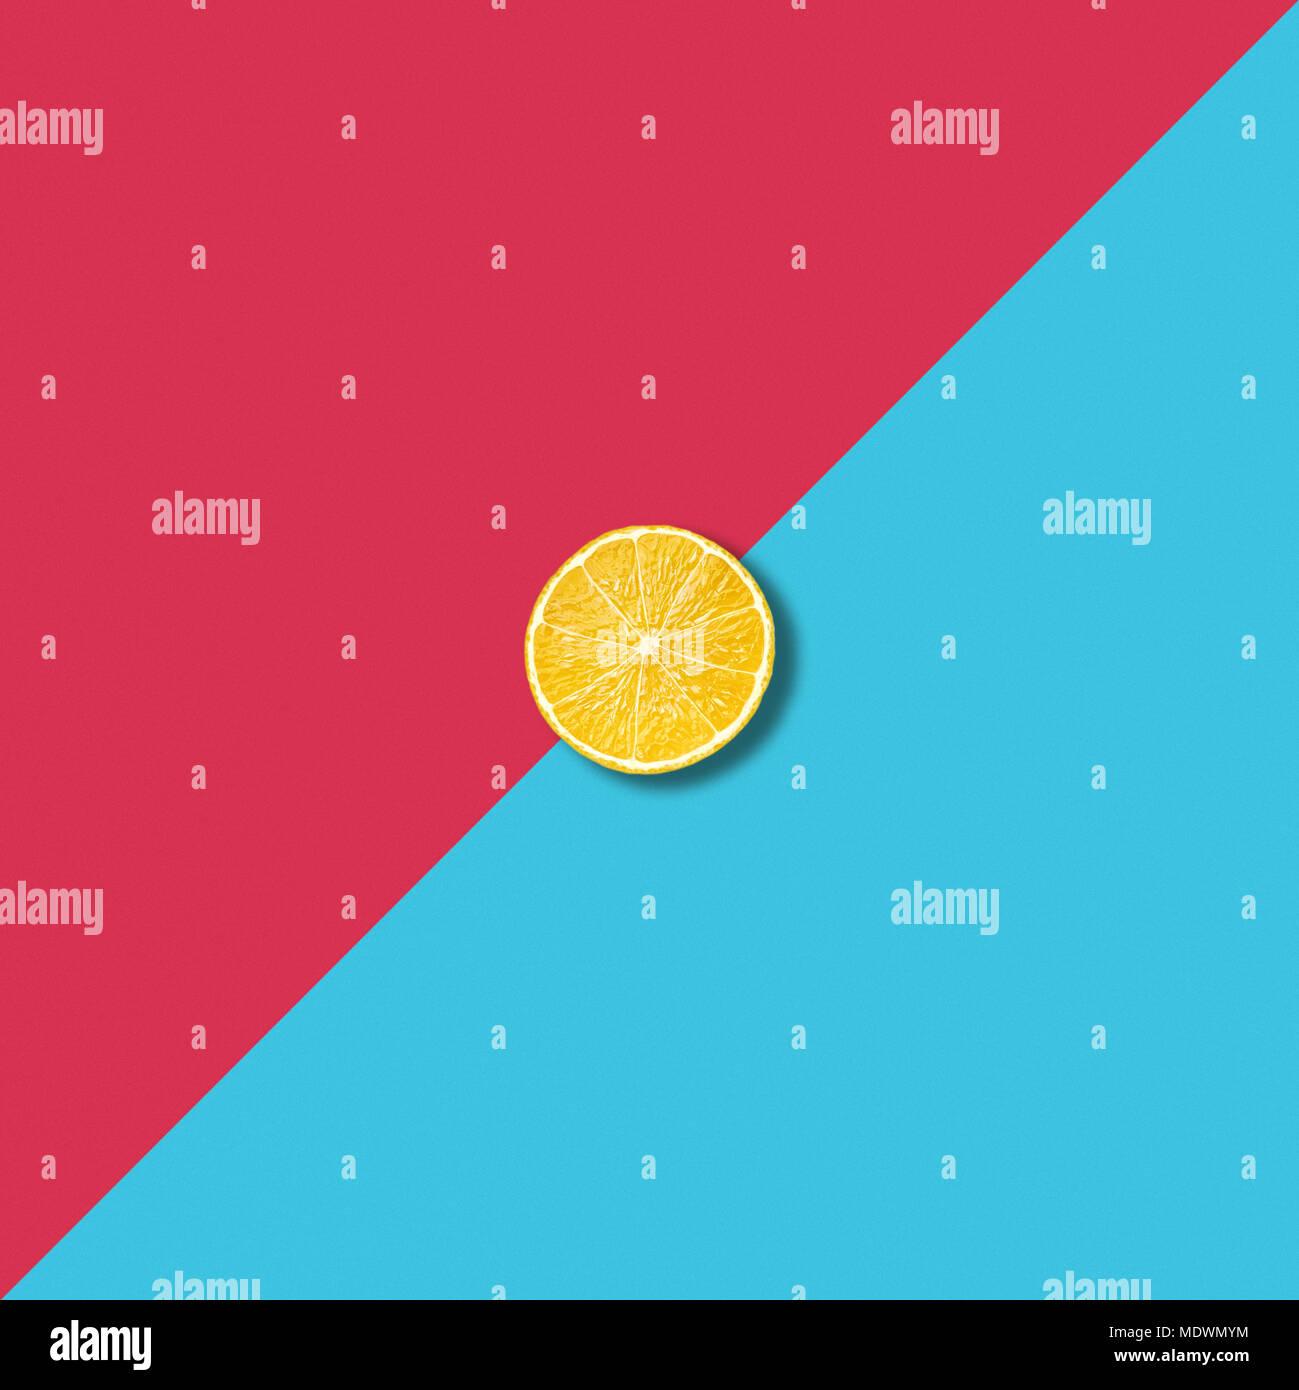 Minimalista illustrazione astratta con singola fetta di limone sulla vibrante rosso e sfondo turchese Immagini Stock